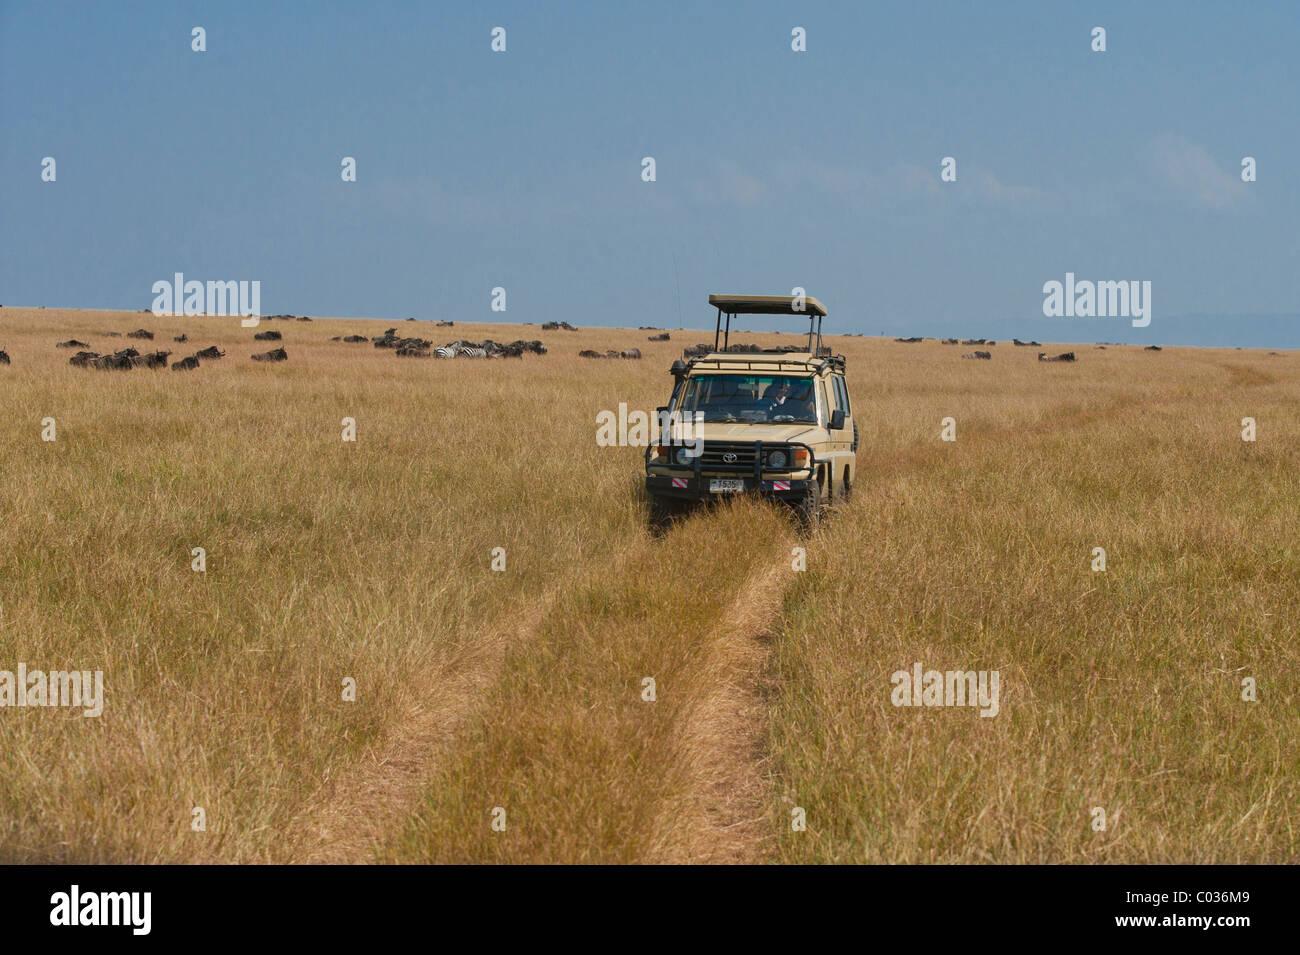 Vehículo off-road en el Serengeti, safari, juego duro, Tanzania, África Imagen De Stock